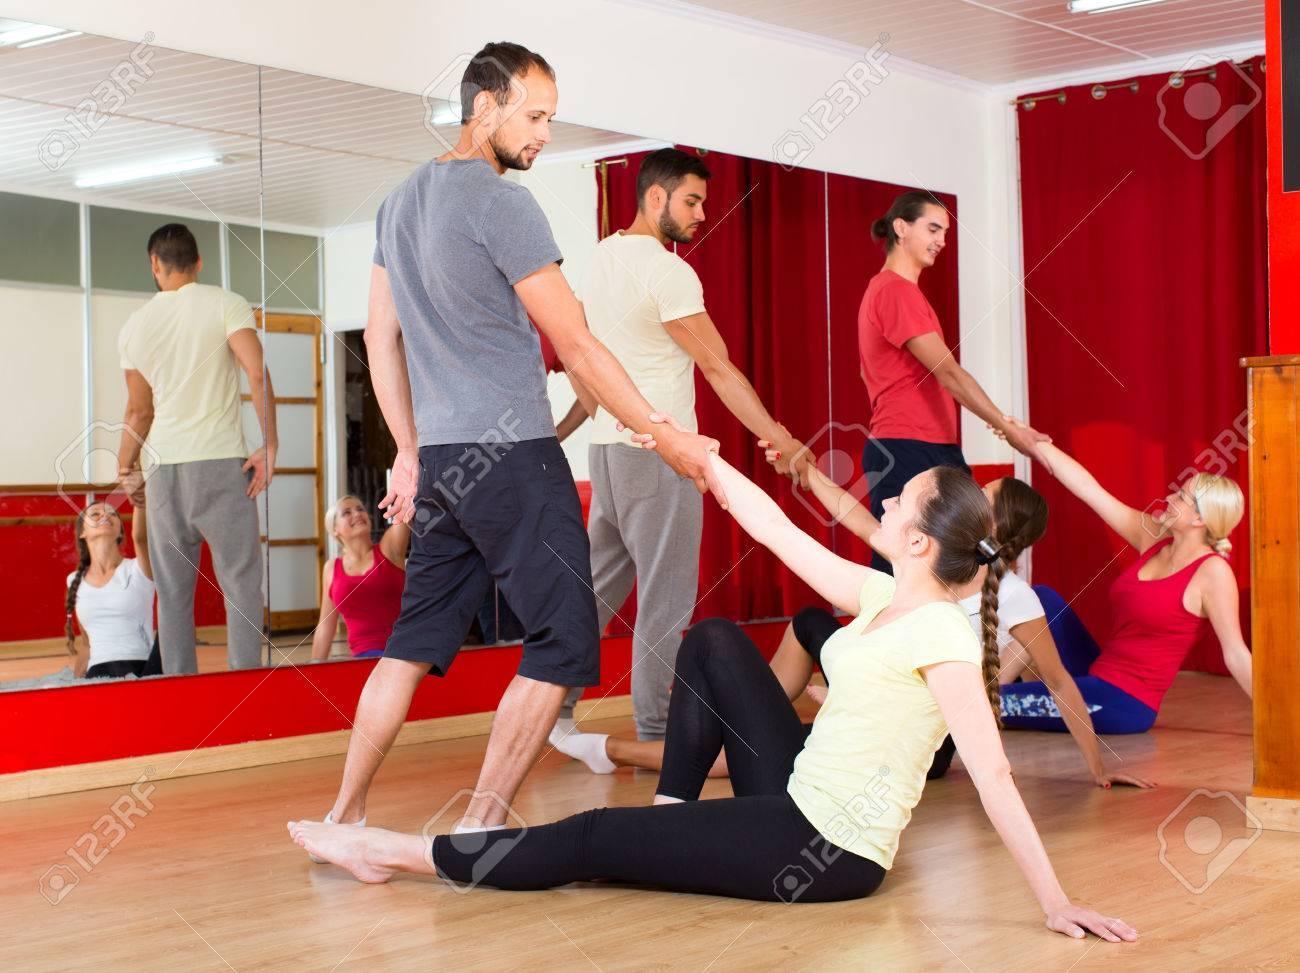 Frohlich Erwachsene Lernen Wie Man Tango In Tanzsaal Zu Tanzen